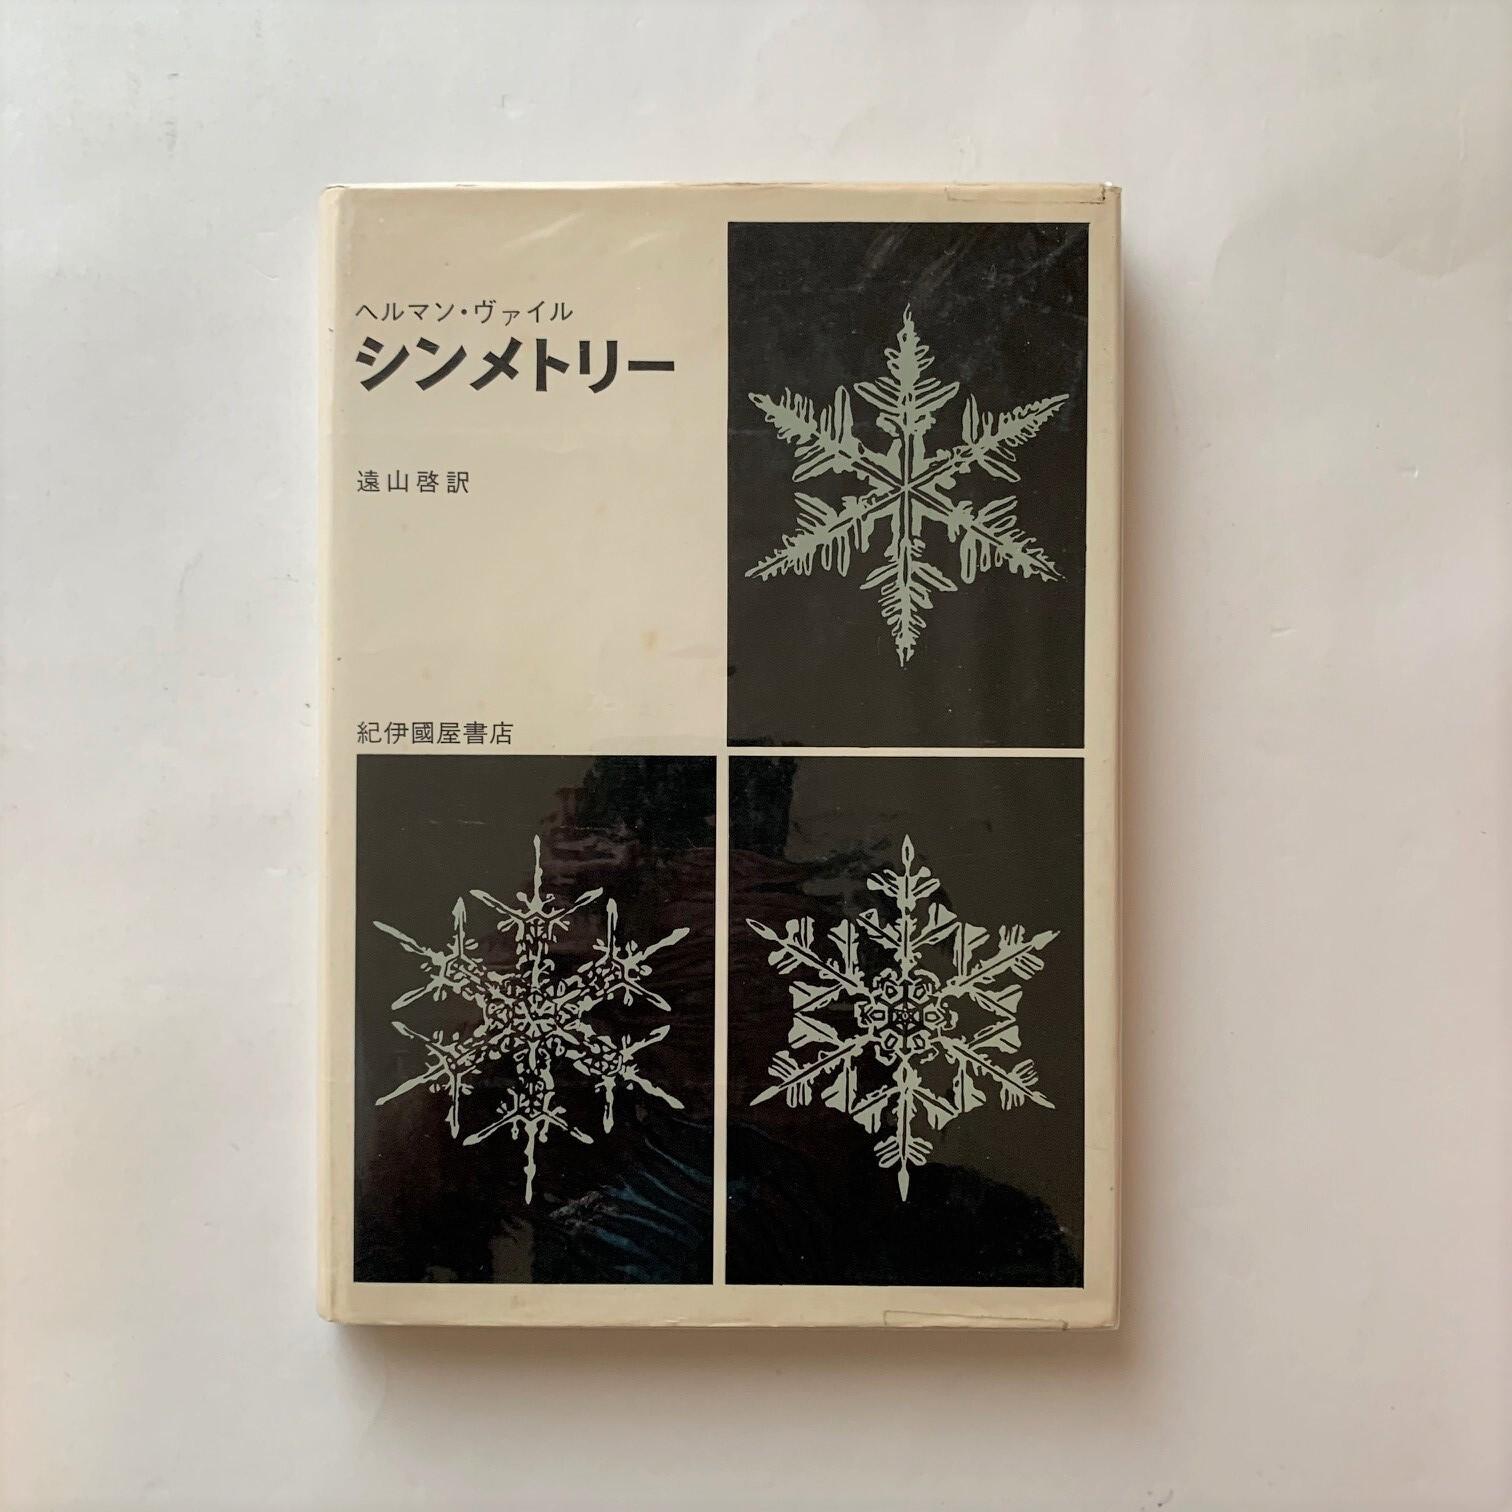 シンメトリー   /   ヘルマン・ヴァイル  (著)